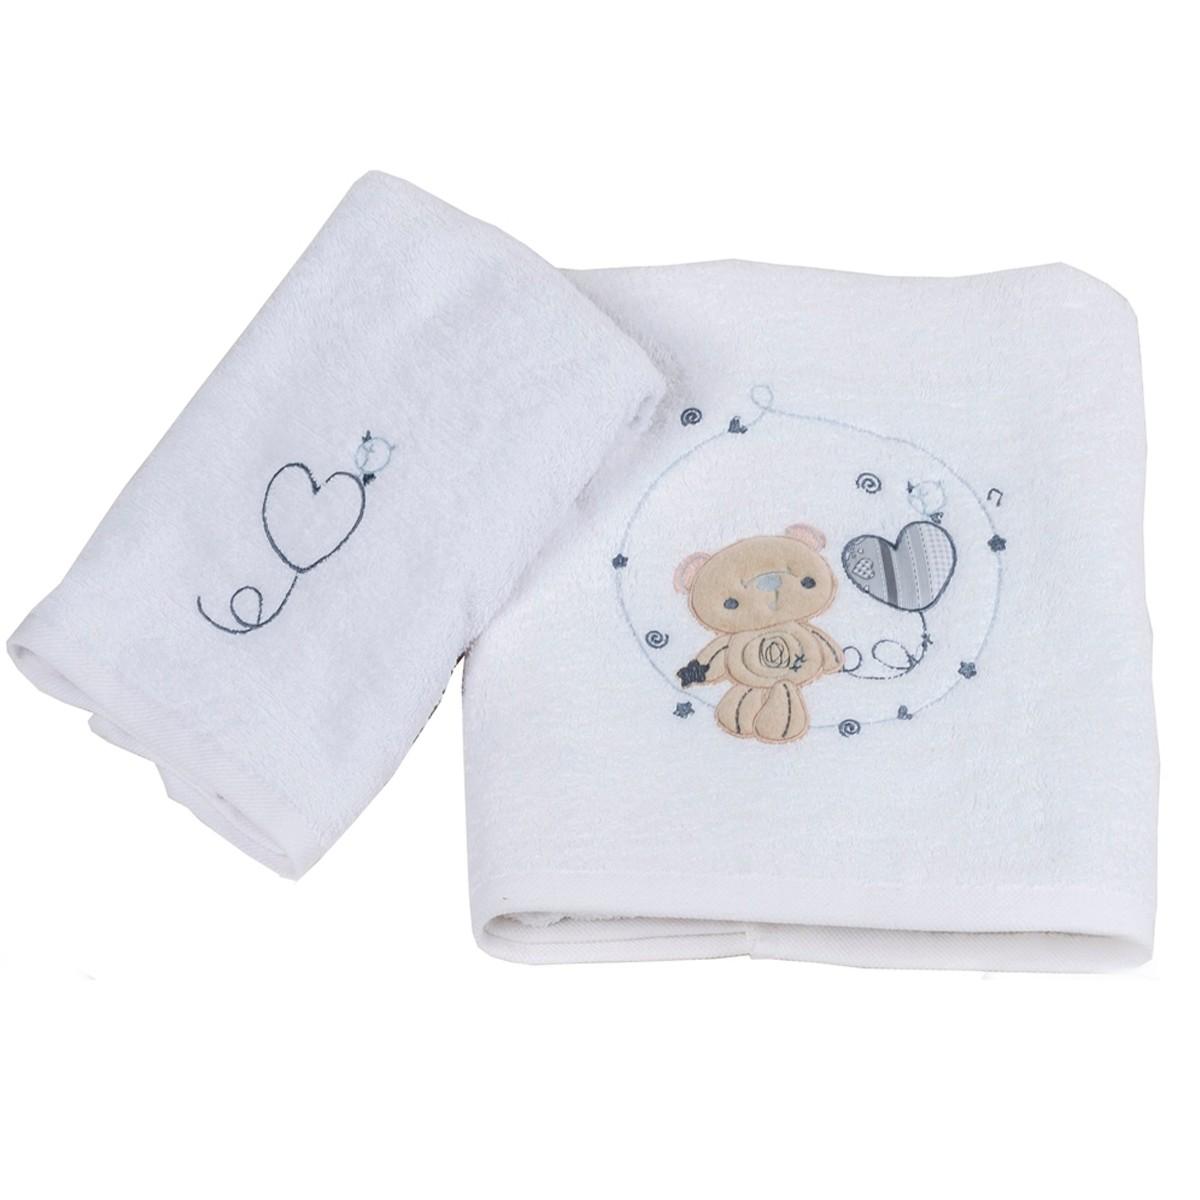 Βρεφικές Πετσέτες (Σετ 2τμχ) Κόσμος Του Μωρού Heart 0575 Γκρι